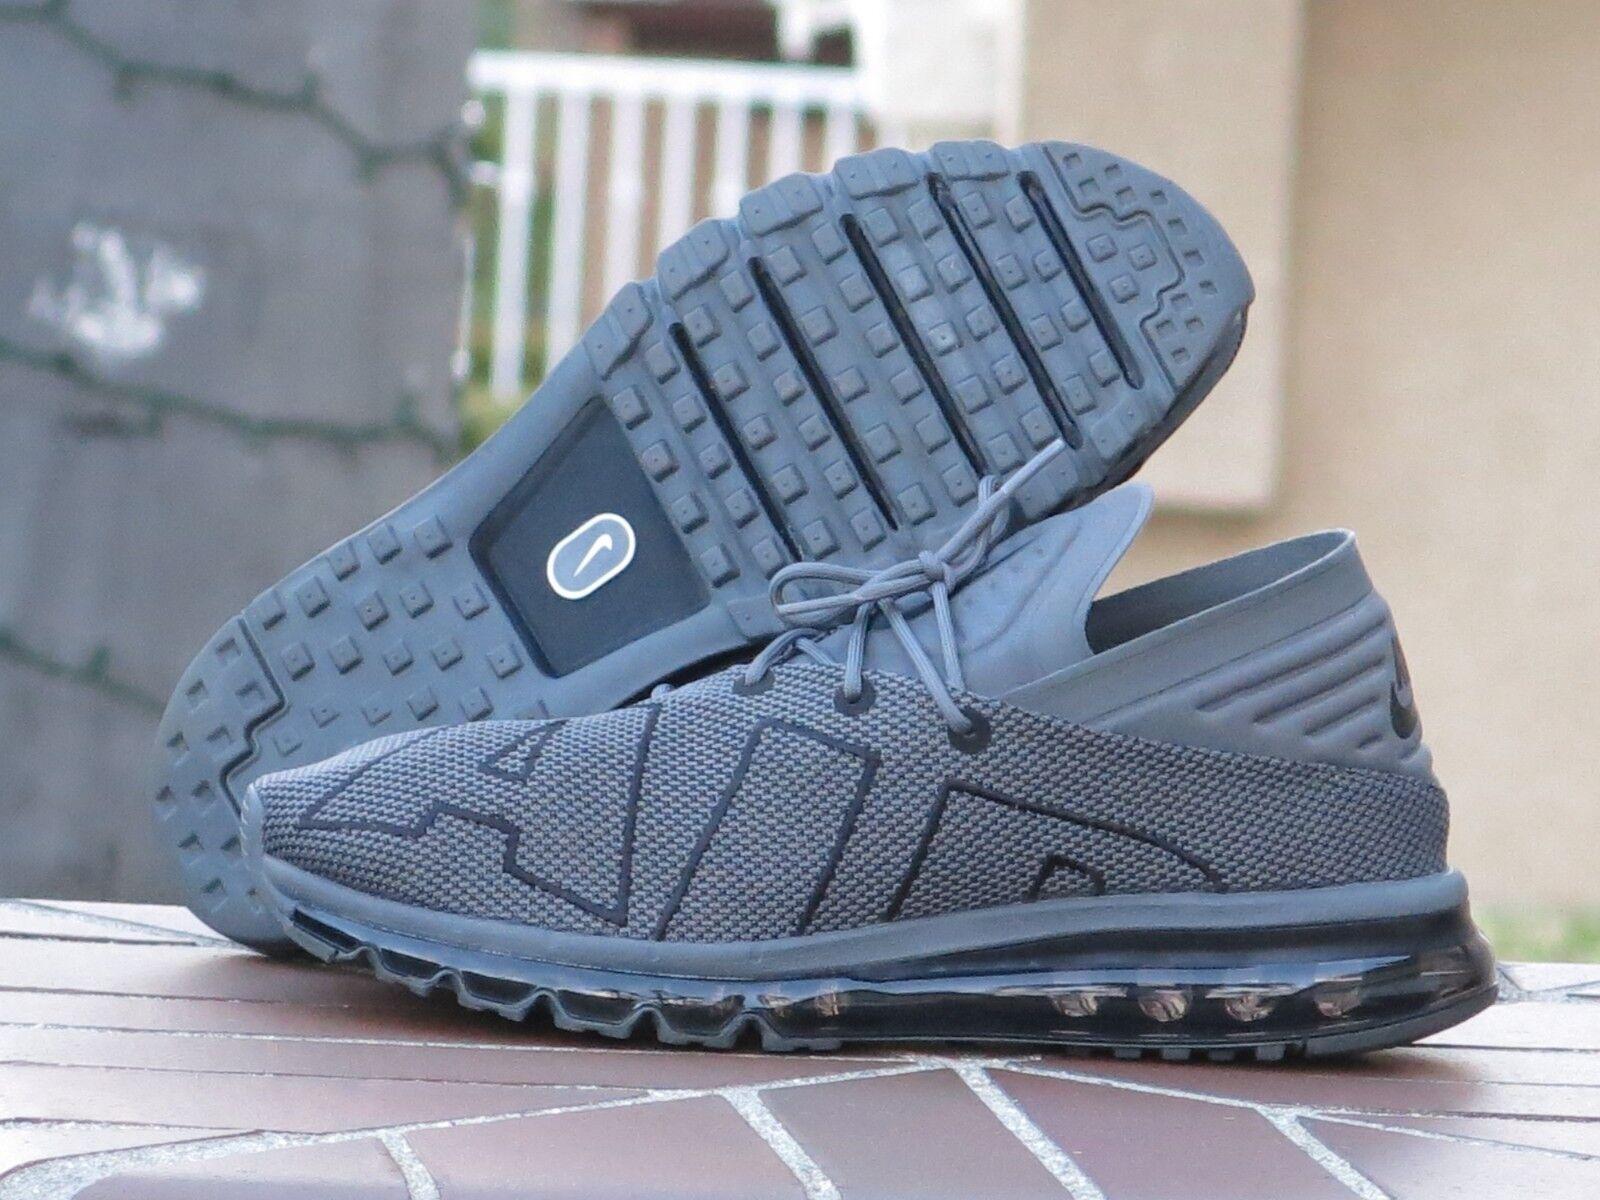 Nike Air Max Flair Men's Running, Cross Training Sneakers 942236-007